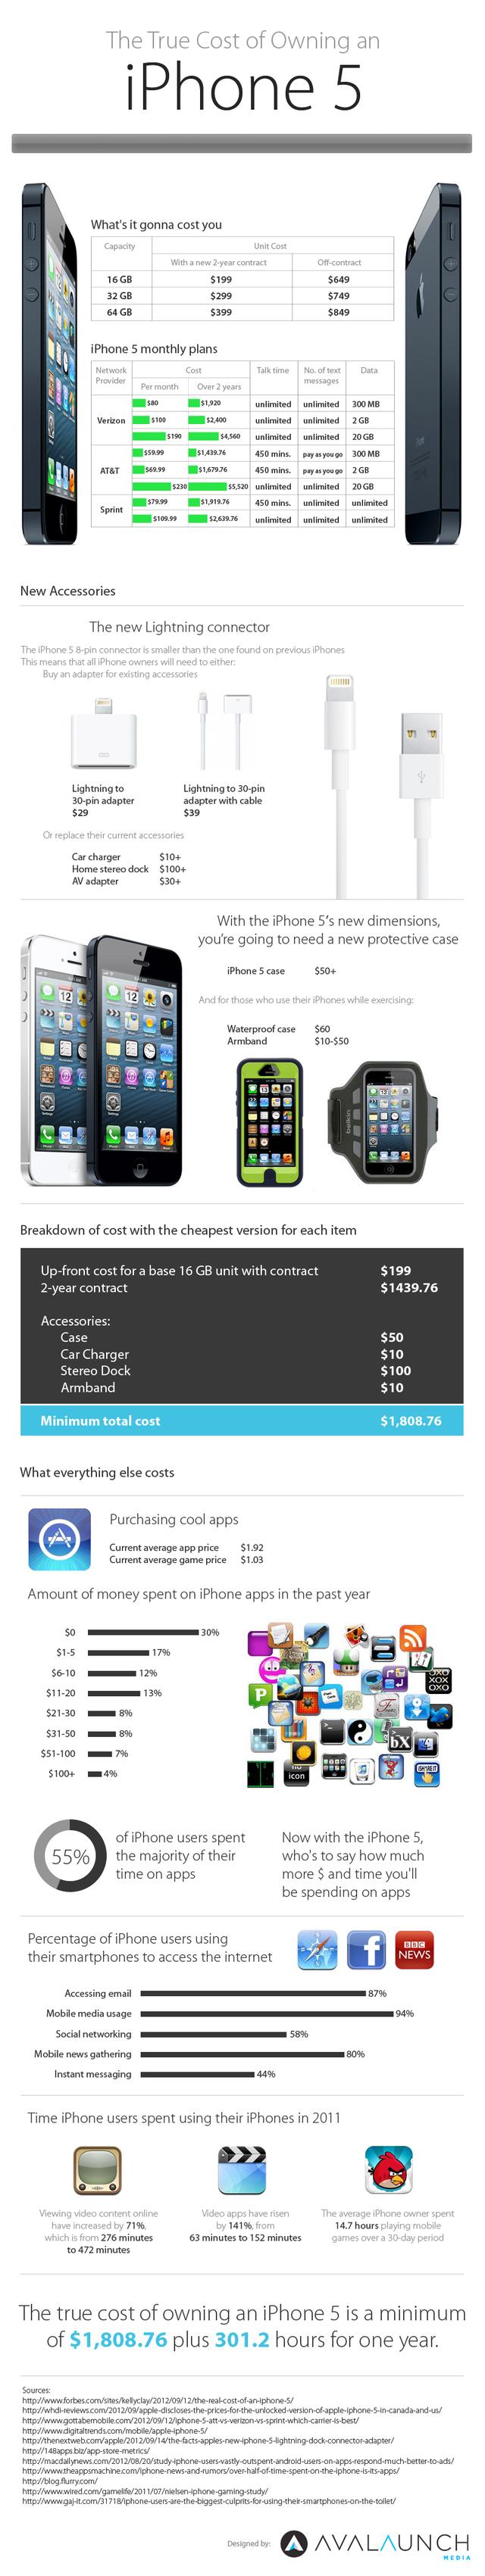 http://www.neowin.net/images/uploaded/iphone5-true-cost.jpg